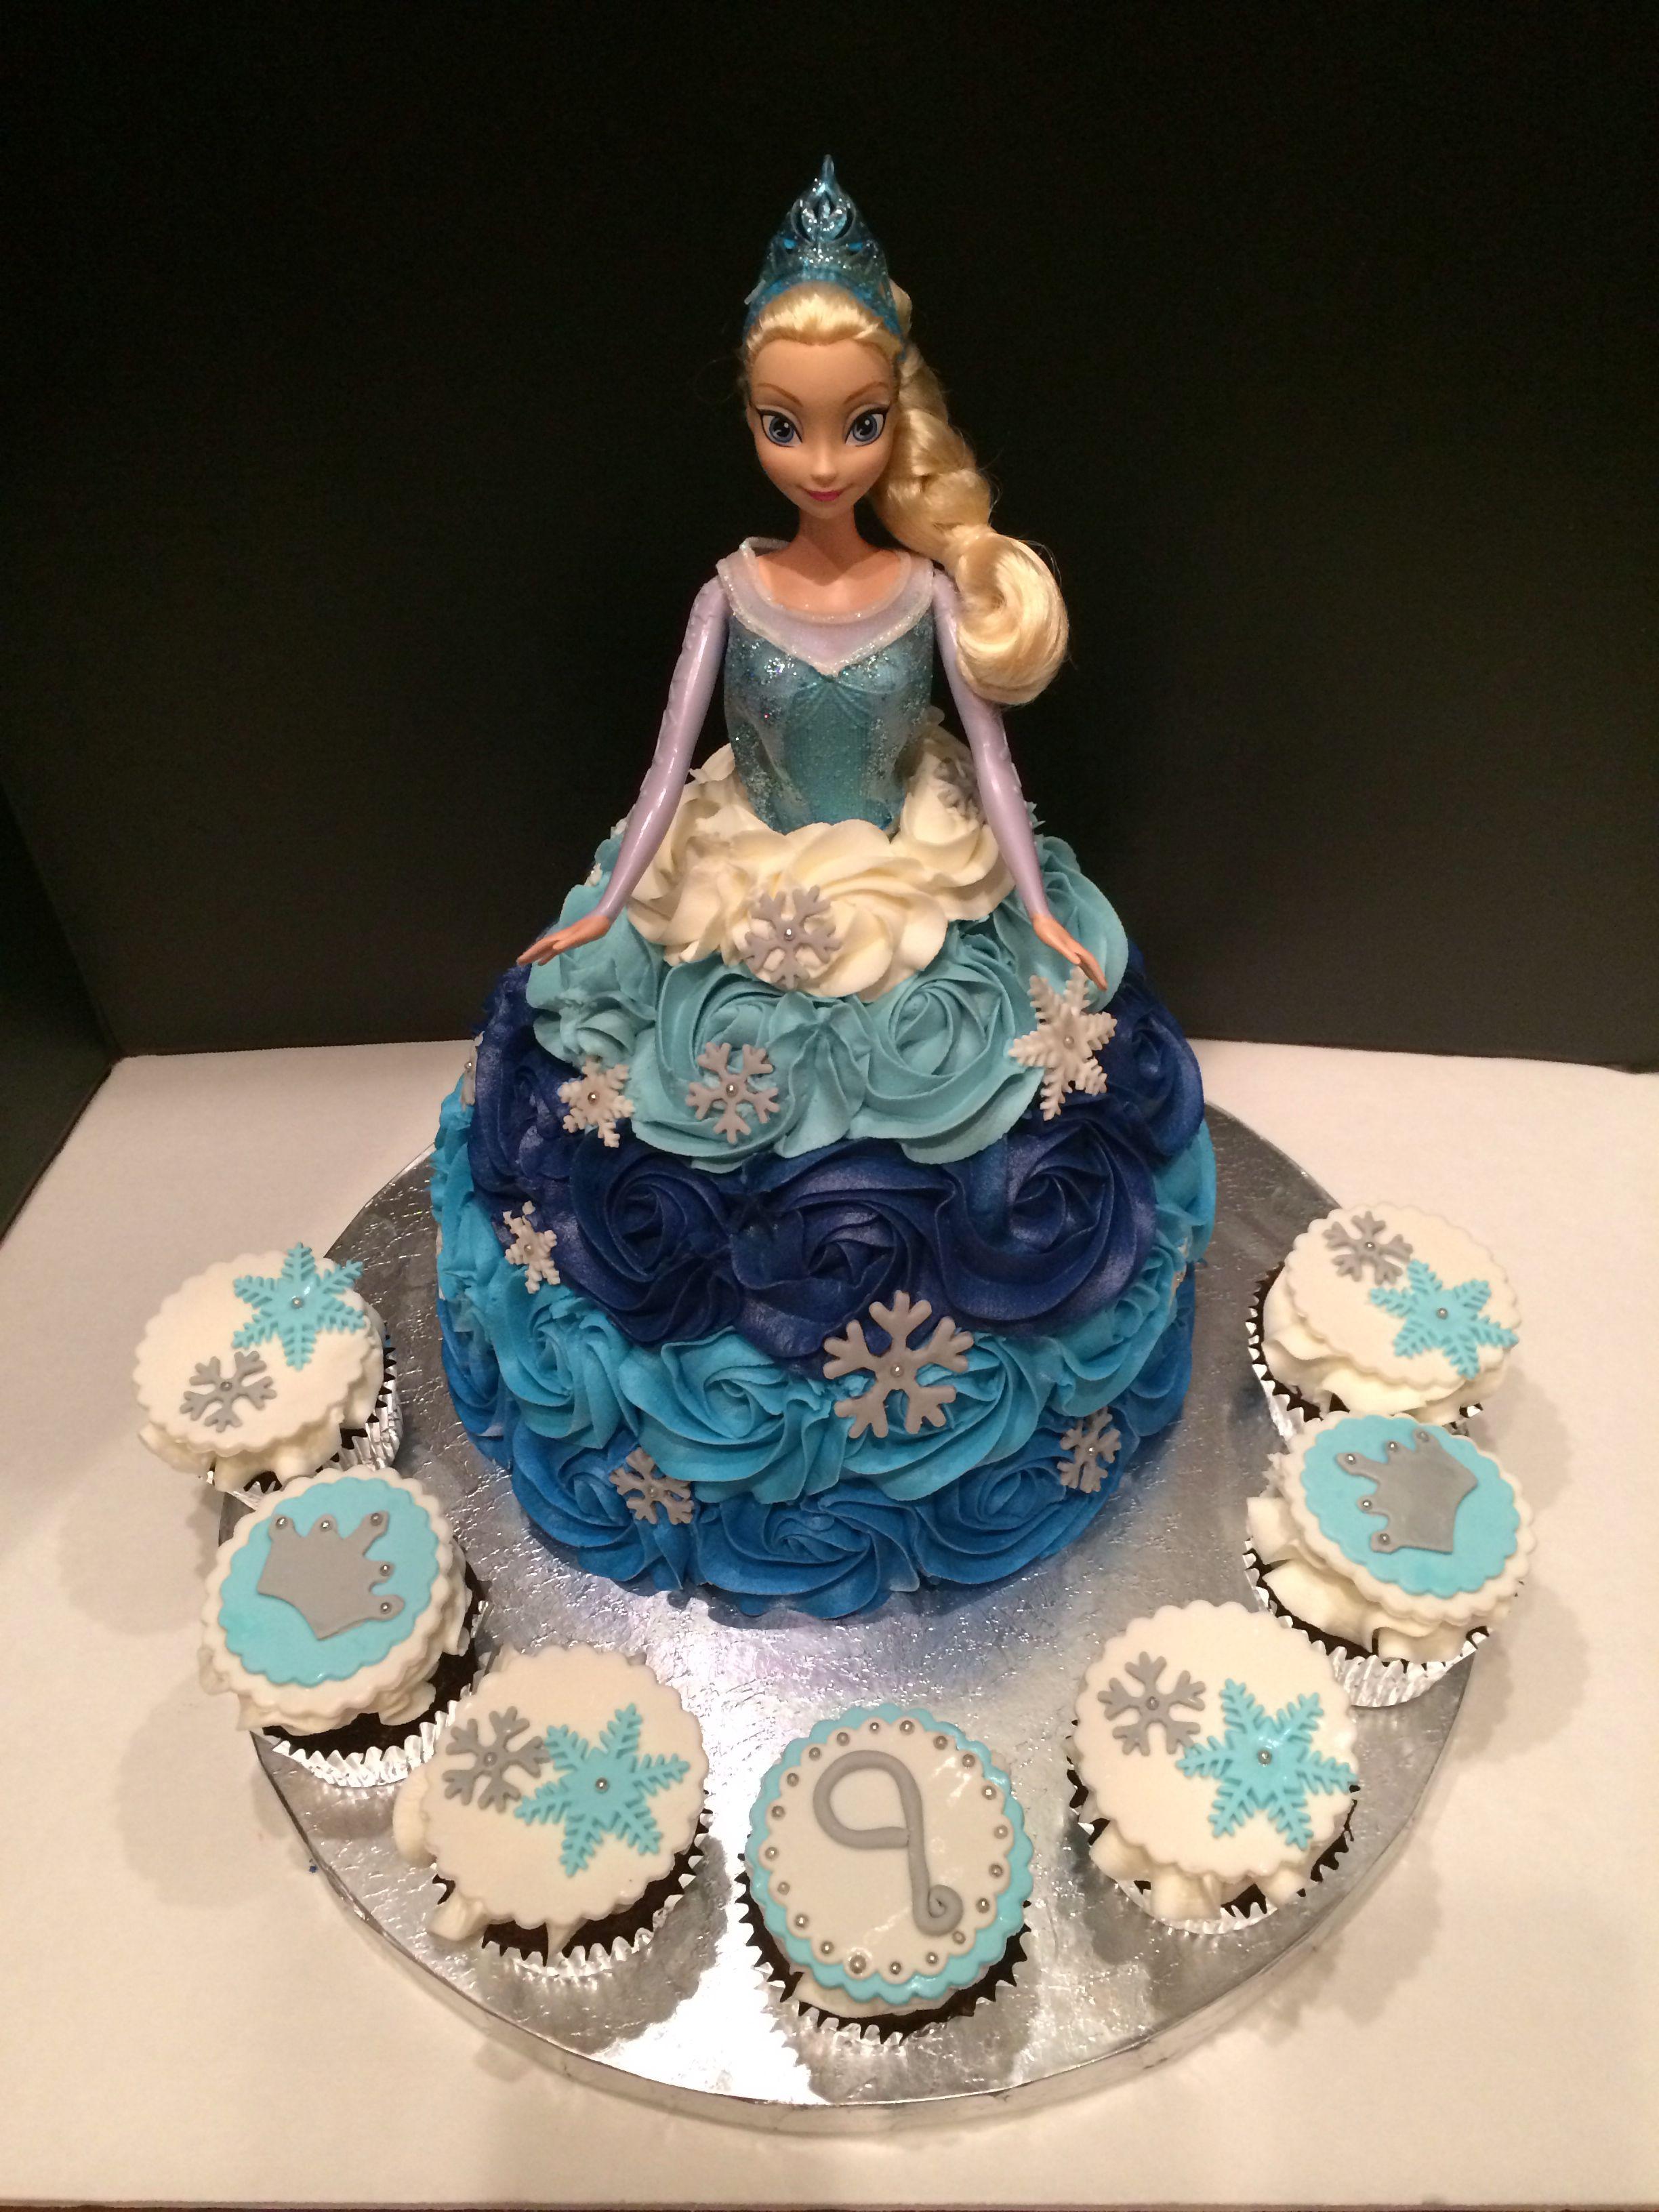 Frozen Elsa Doll cake by Cakes by Anna in Alpharetta Ga www